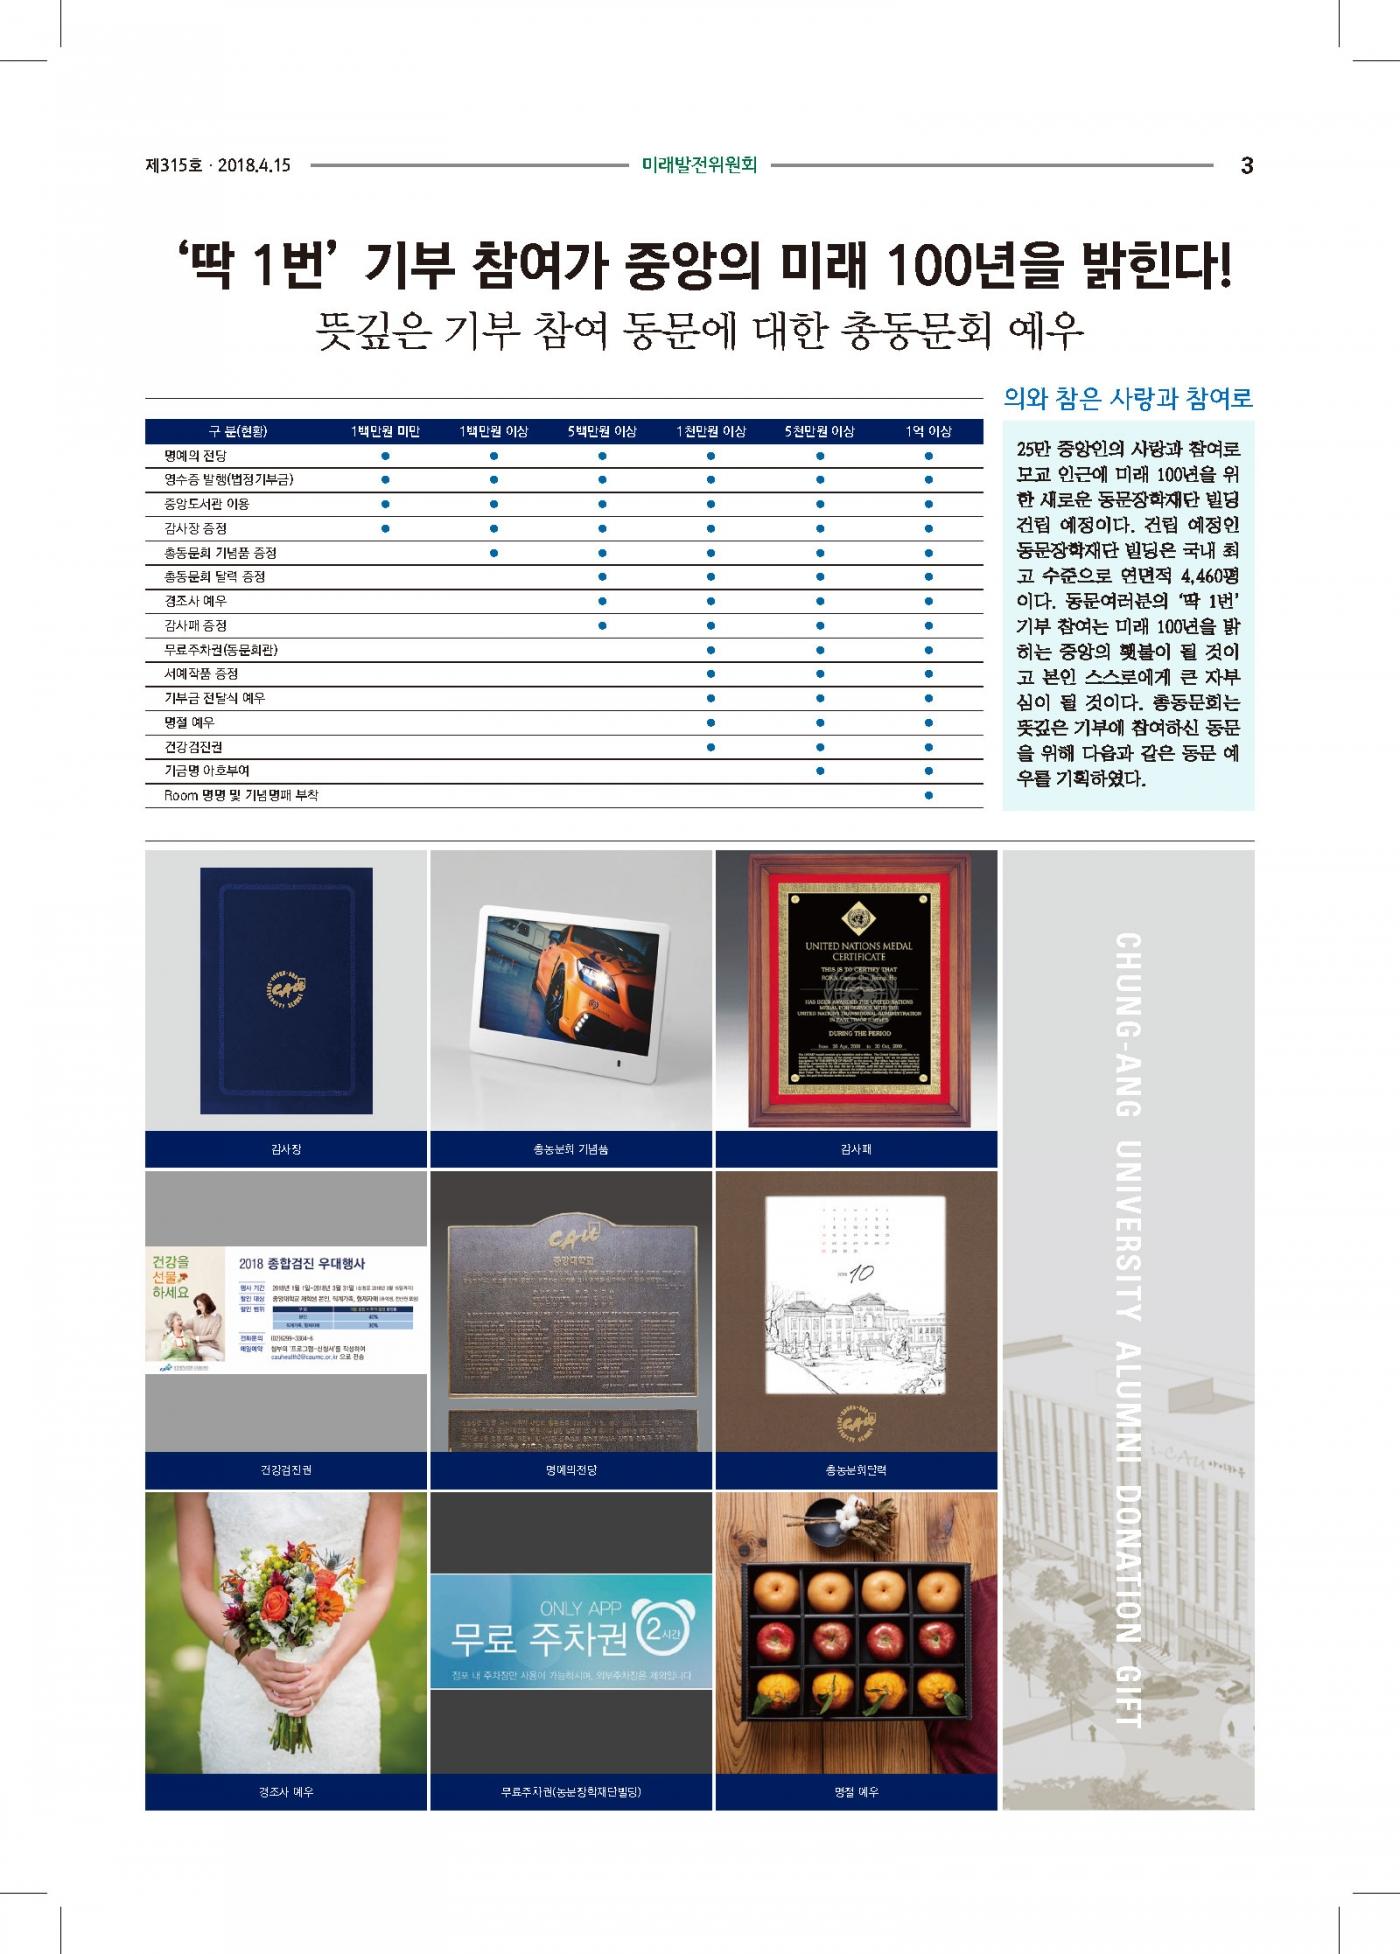 중총신문-18-4-23-인쇄OL1-3.jpg